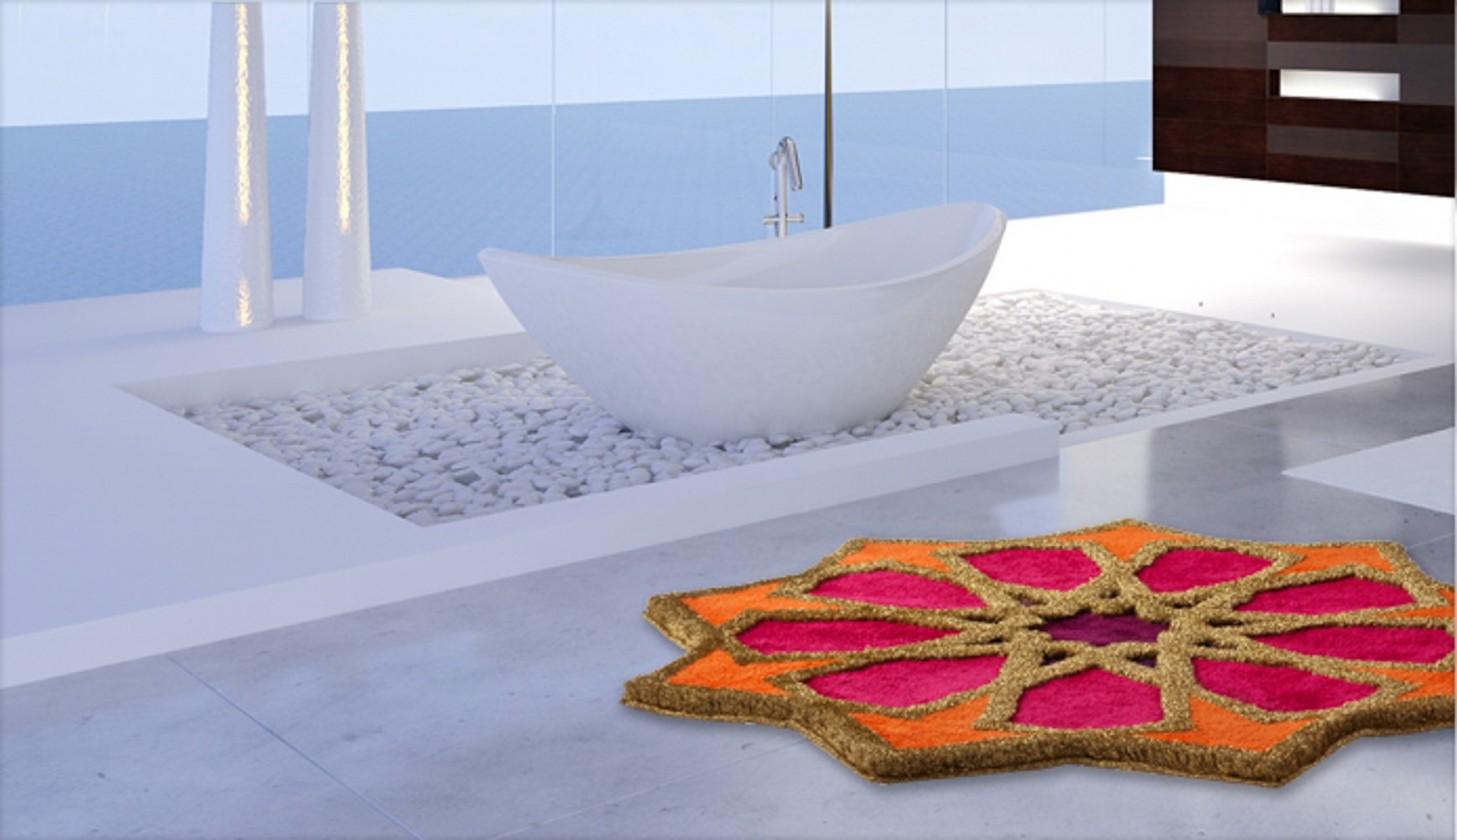 Sherezad - Předložka kruh, 140cm (oranžová-ružová-fialová-zlatá)